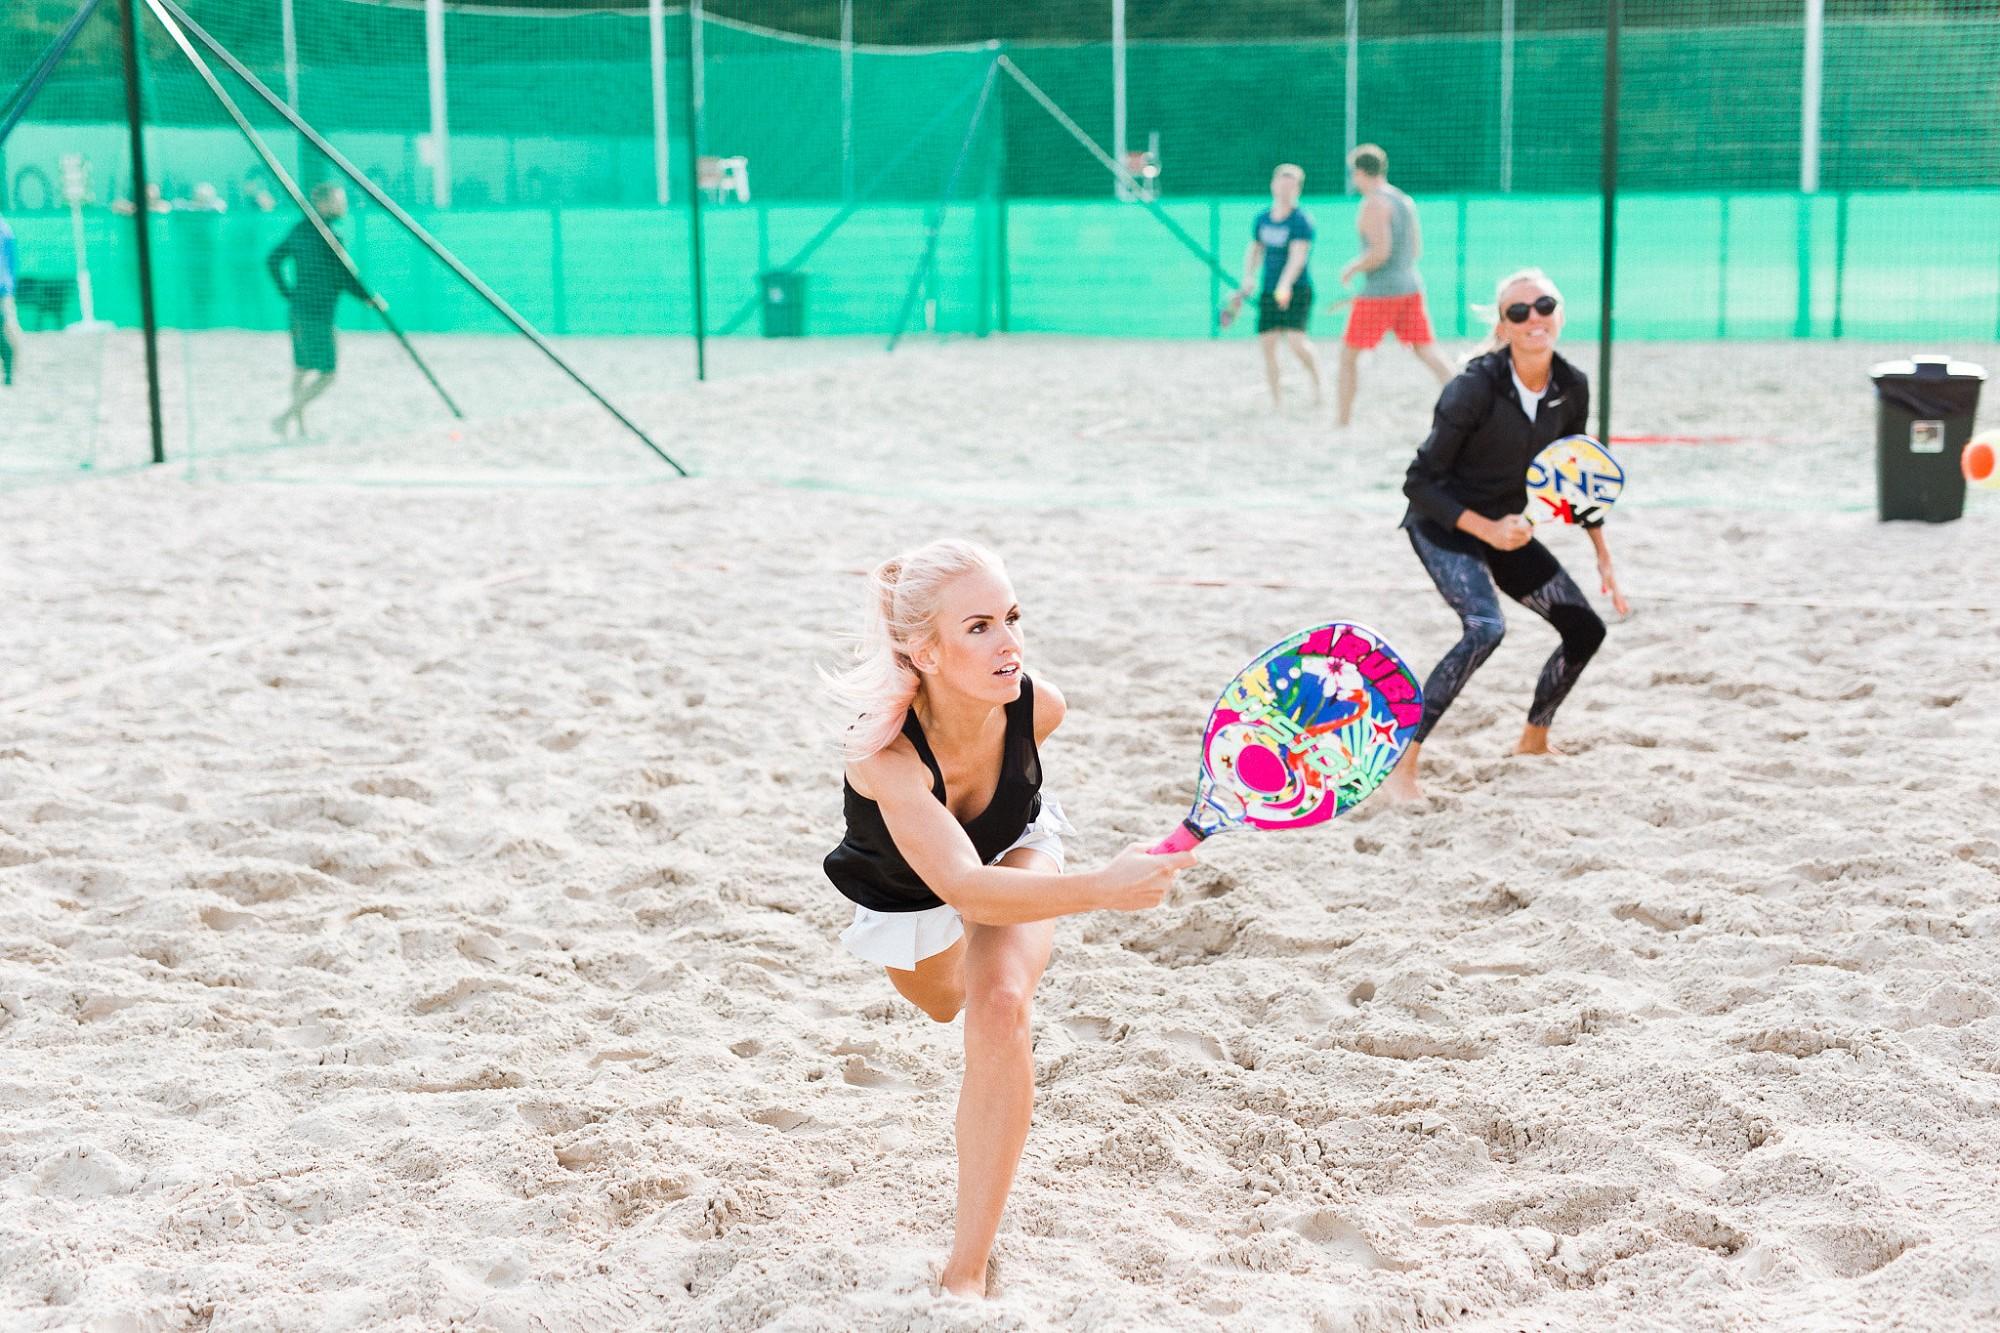 Aizvadīts noslēdzošais pludmales tenisa turnīra posms un noskaidroti kopvērtējuma uzvarētāji